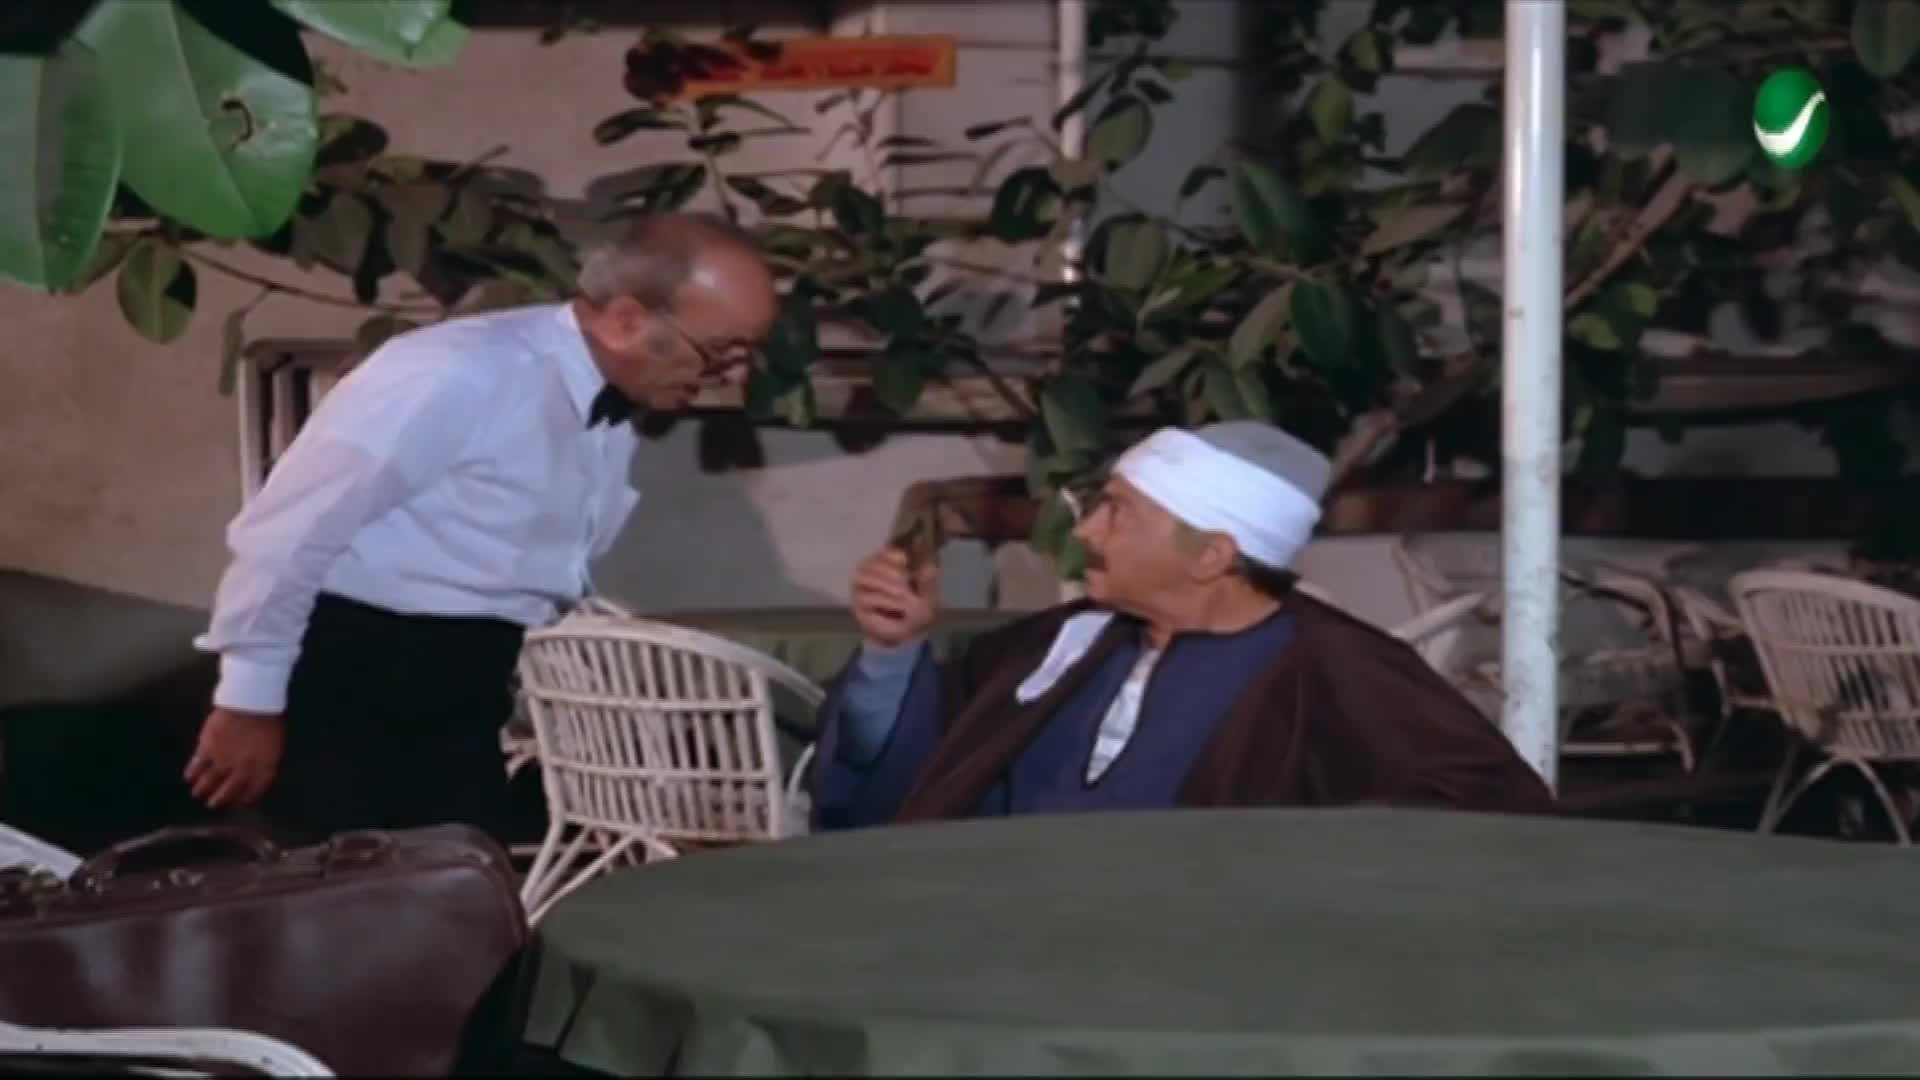 [فيلم][تورنت][تحميل][الجبلاوي][1991][1080p][Web-DL] 5 arabp2p.com